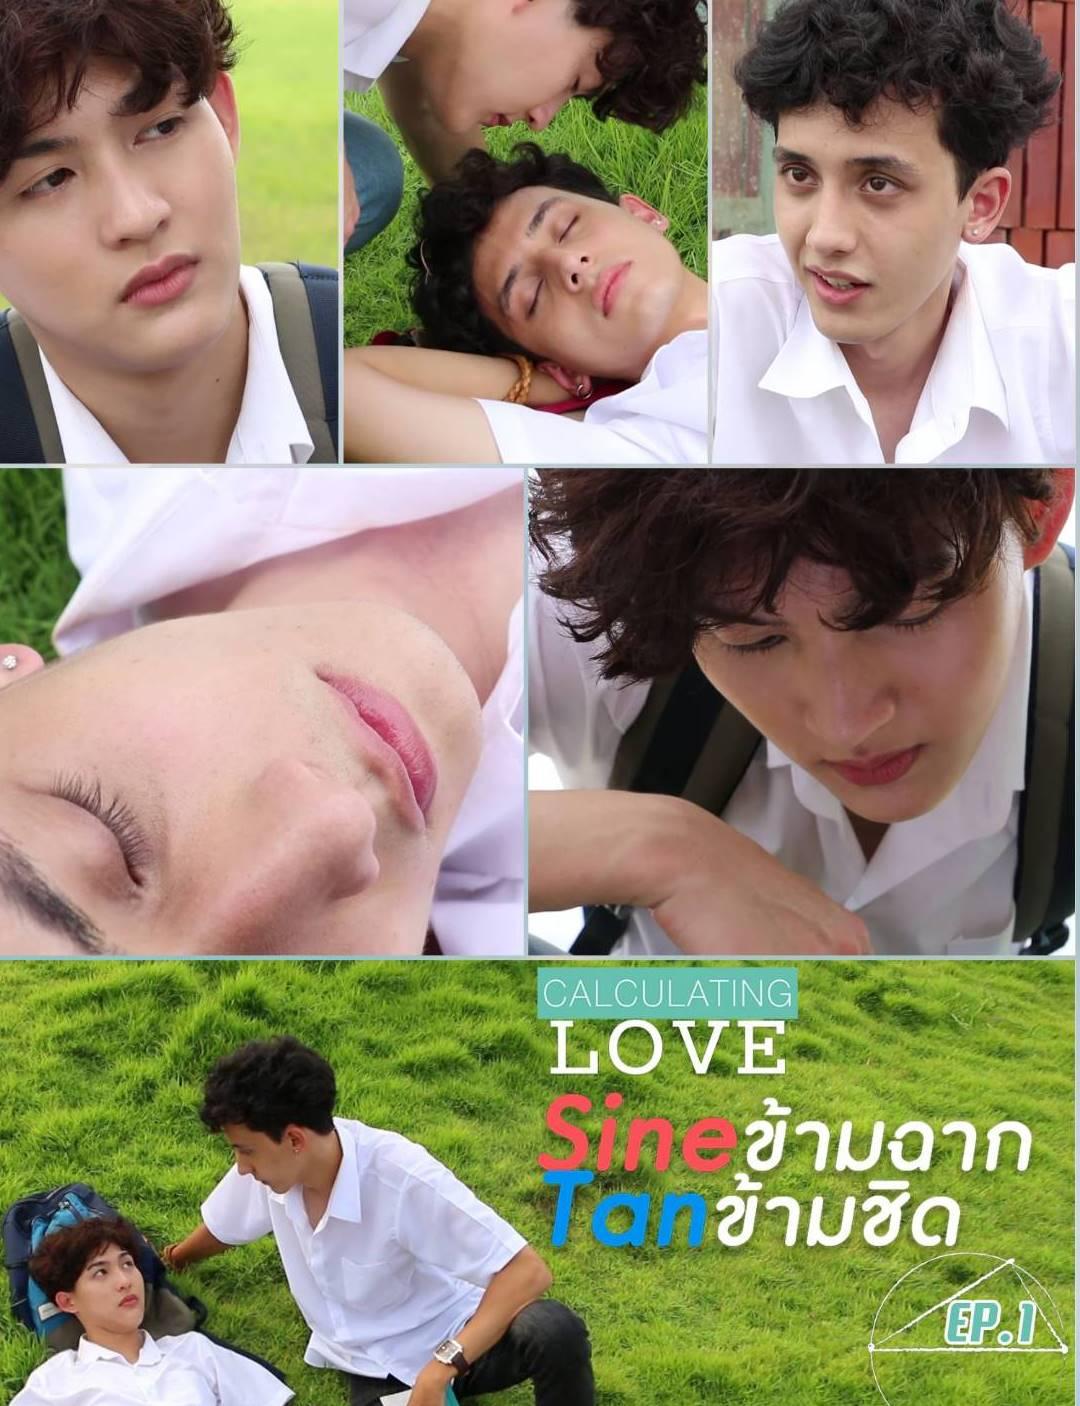 ซีรี่ย์ไทย Calculating Love (2020) Sineข้ามฉาก Tanข้ามชิด พากย์ไทย